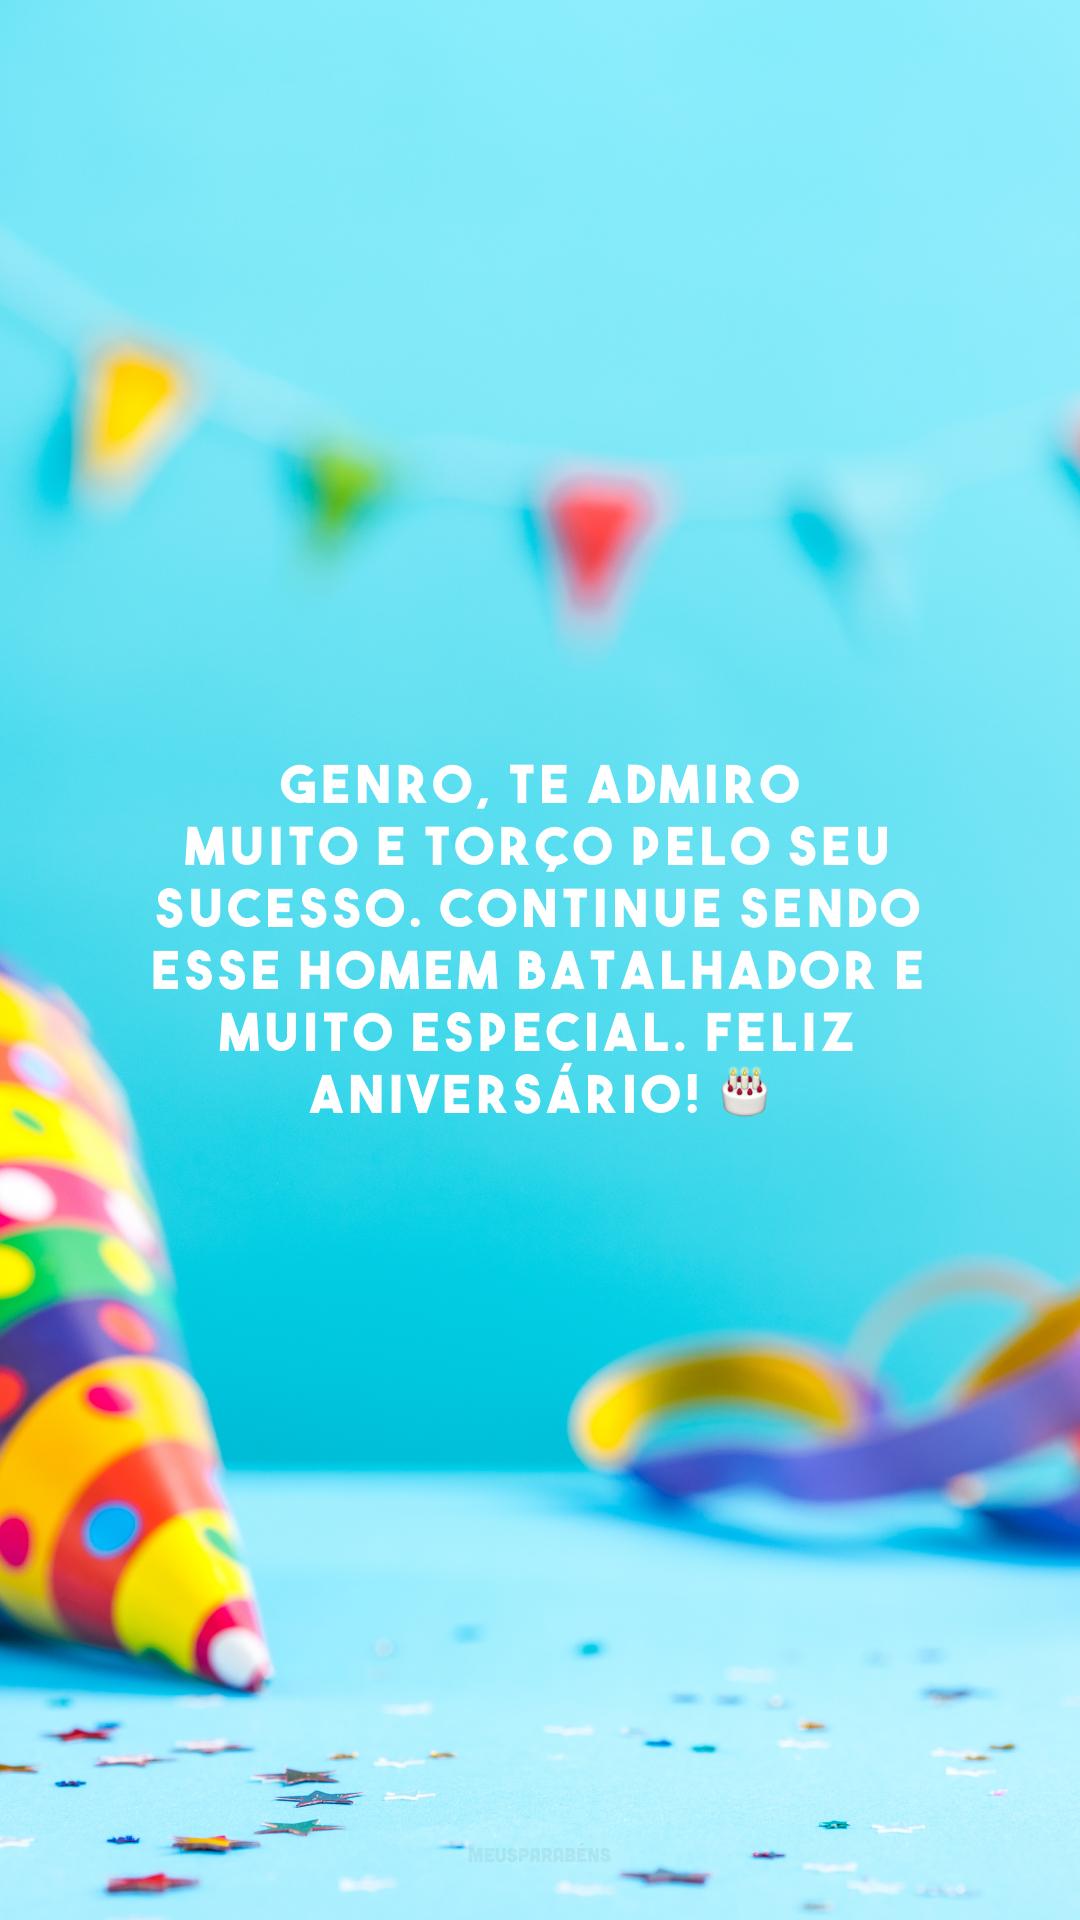 Genro, te admiro muito e torço pelo seu sucesso. Continue sendo esse homem batalhador e muito especial. Feliz aniversário! 🎂